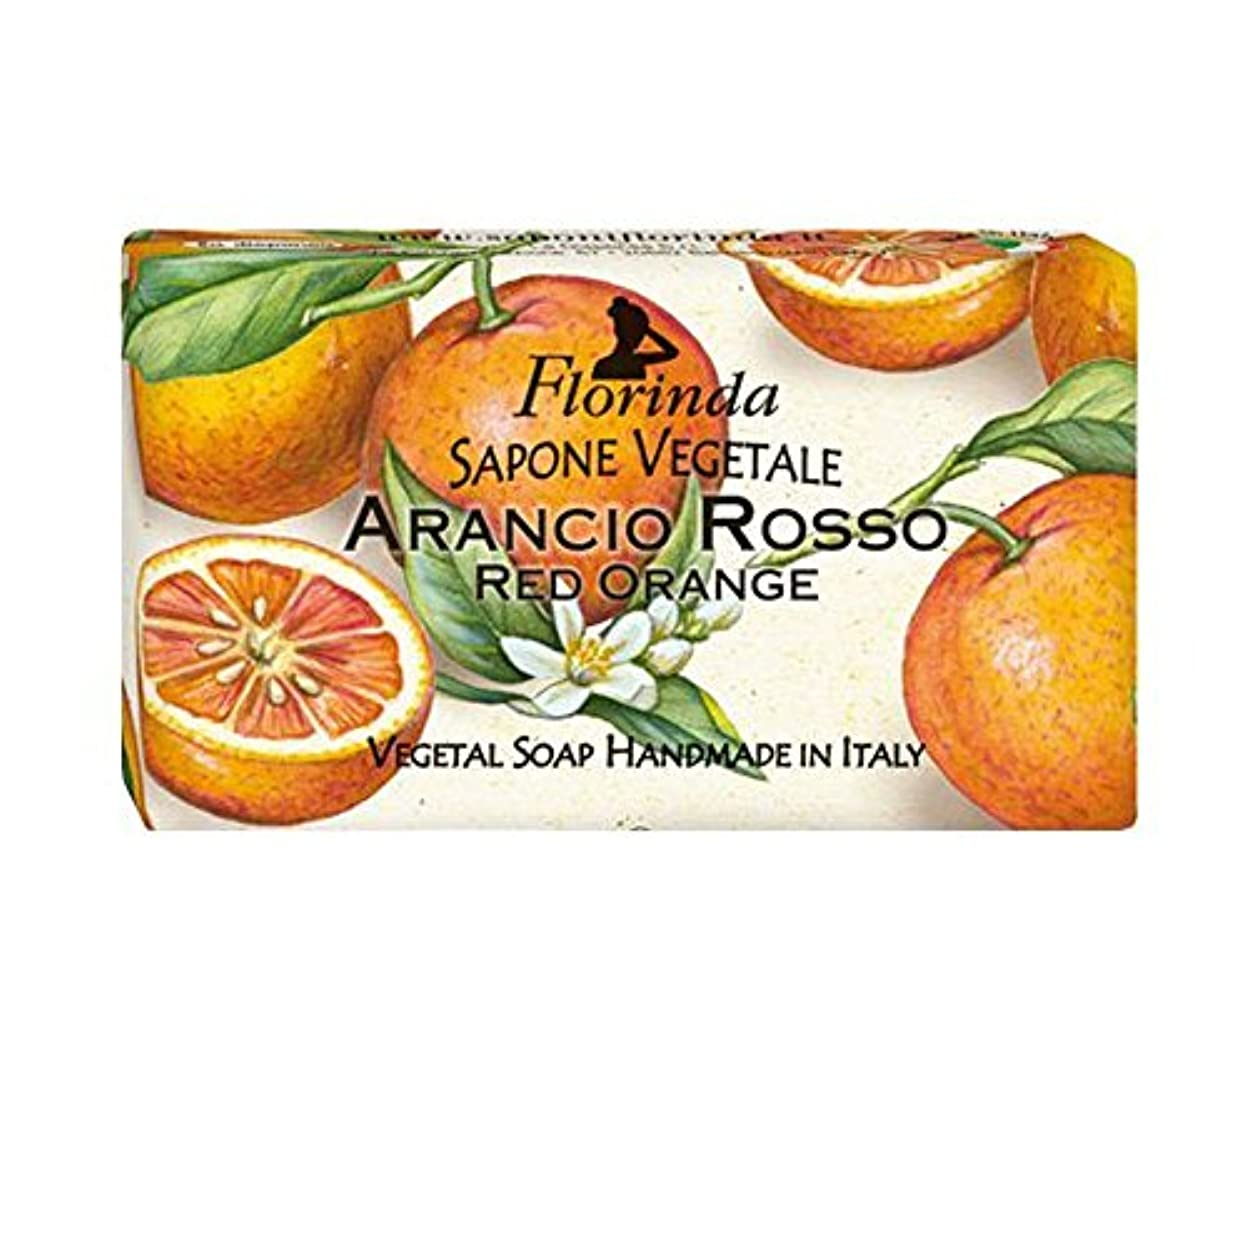 メリー記録異常Florinda フロリンダ フレグランスソープ フルーツ レッドオレンジ 100g [並行輸入品]